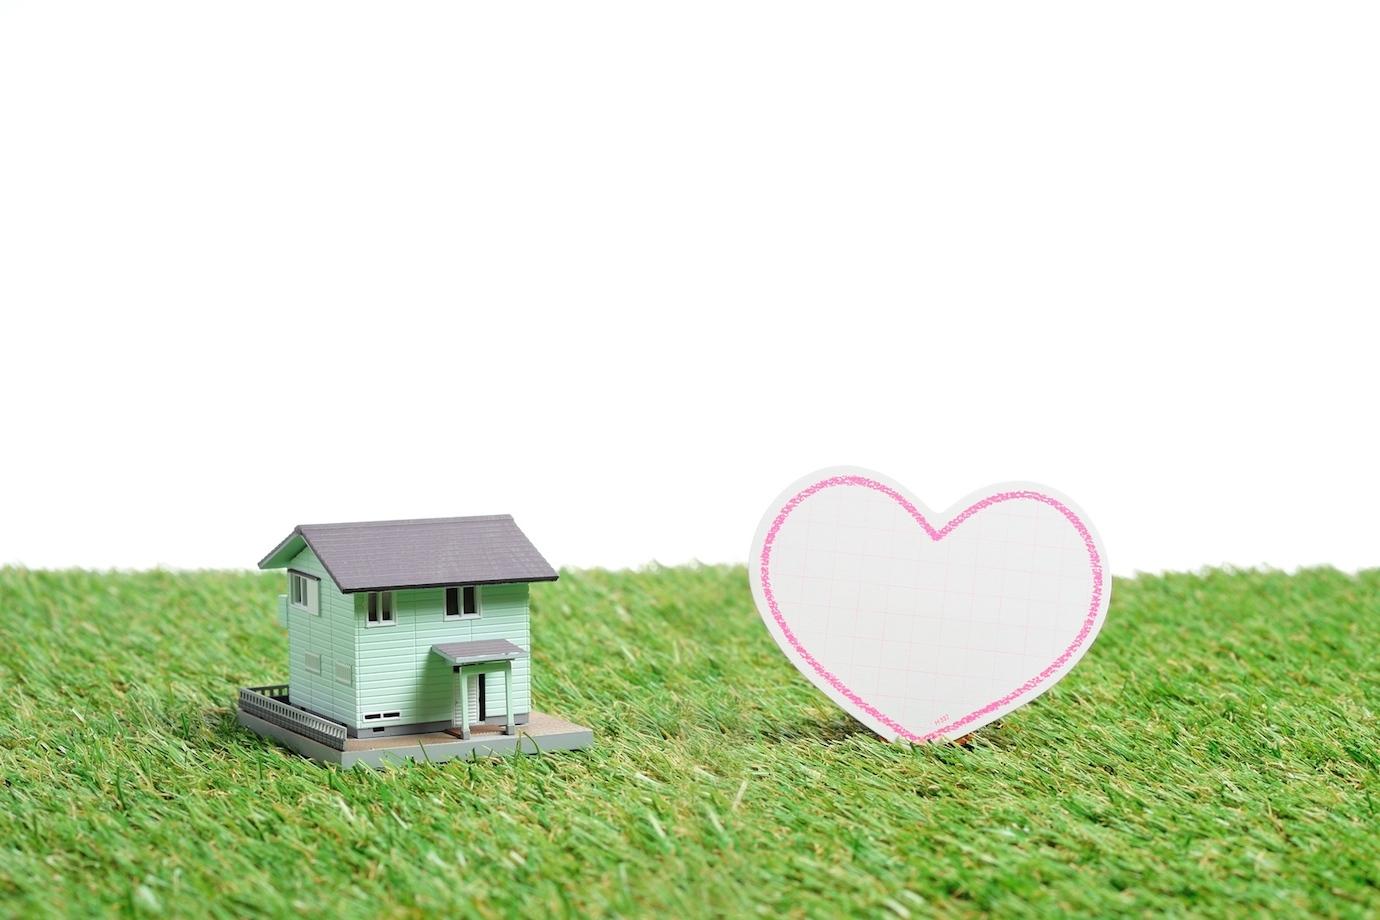 【賃貸でも一戸建て?】アパートやマンションには無い魅力!一軒家に住むメリットとデメリット